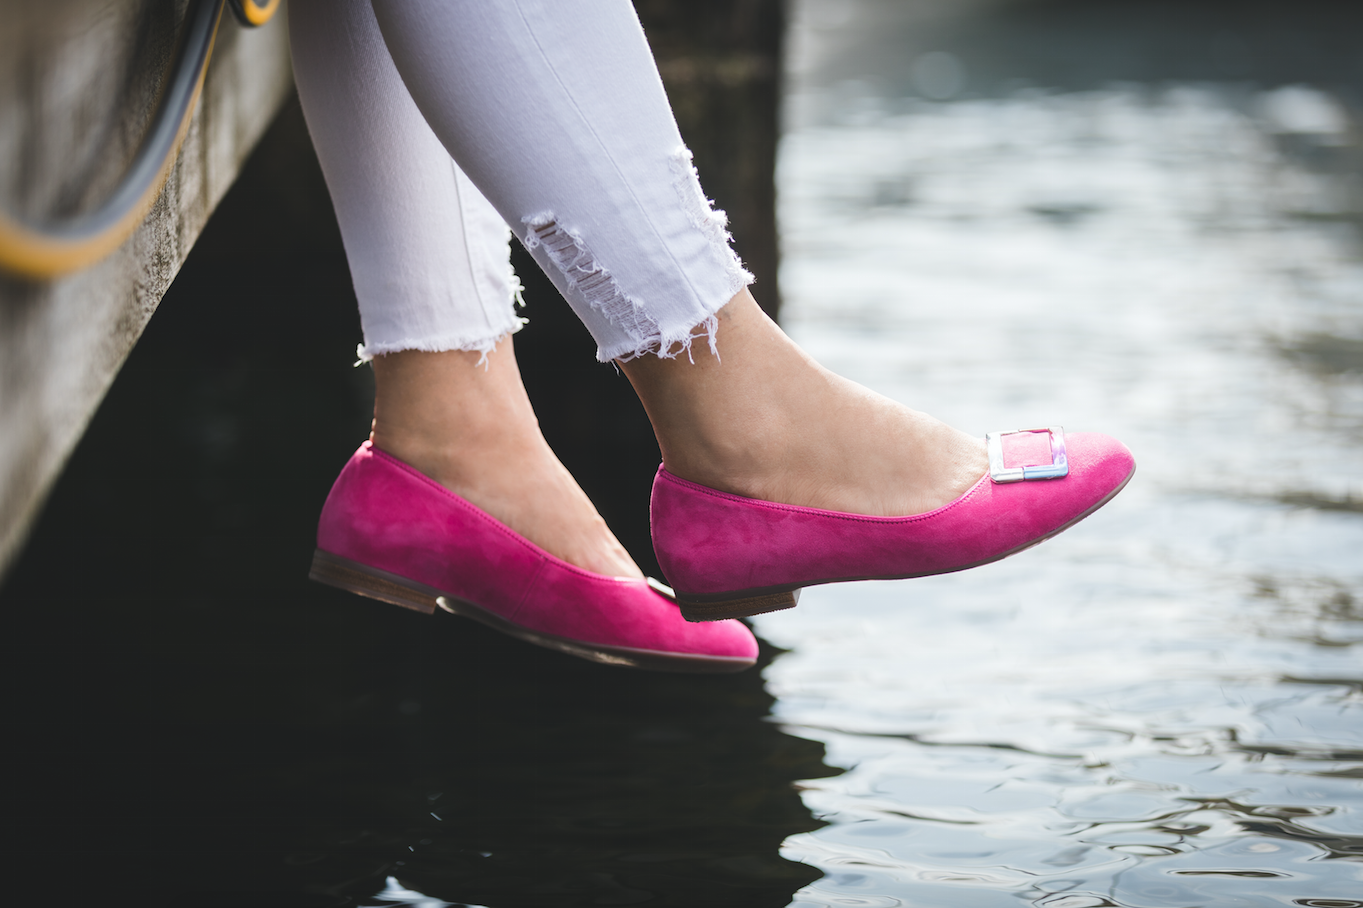 DamenPassend Zum Für Neuen Schuhe Frühling Die 0wP8nOkX